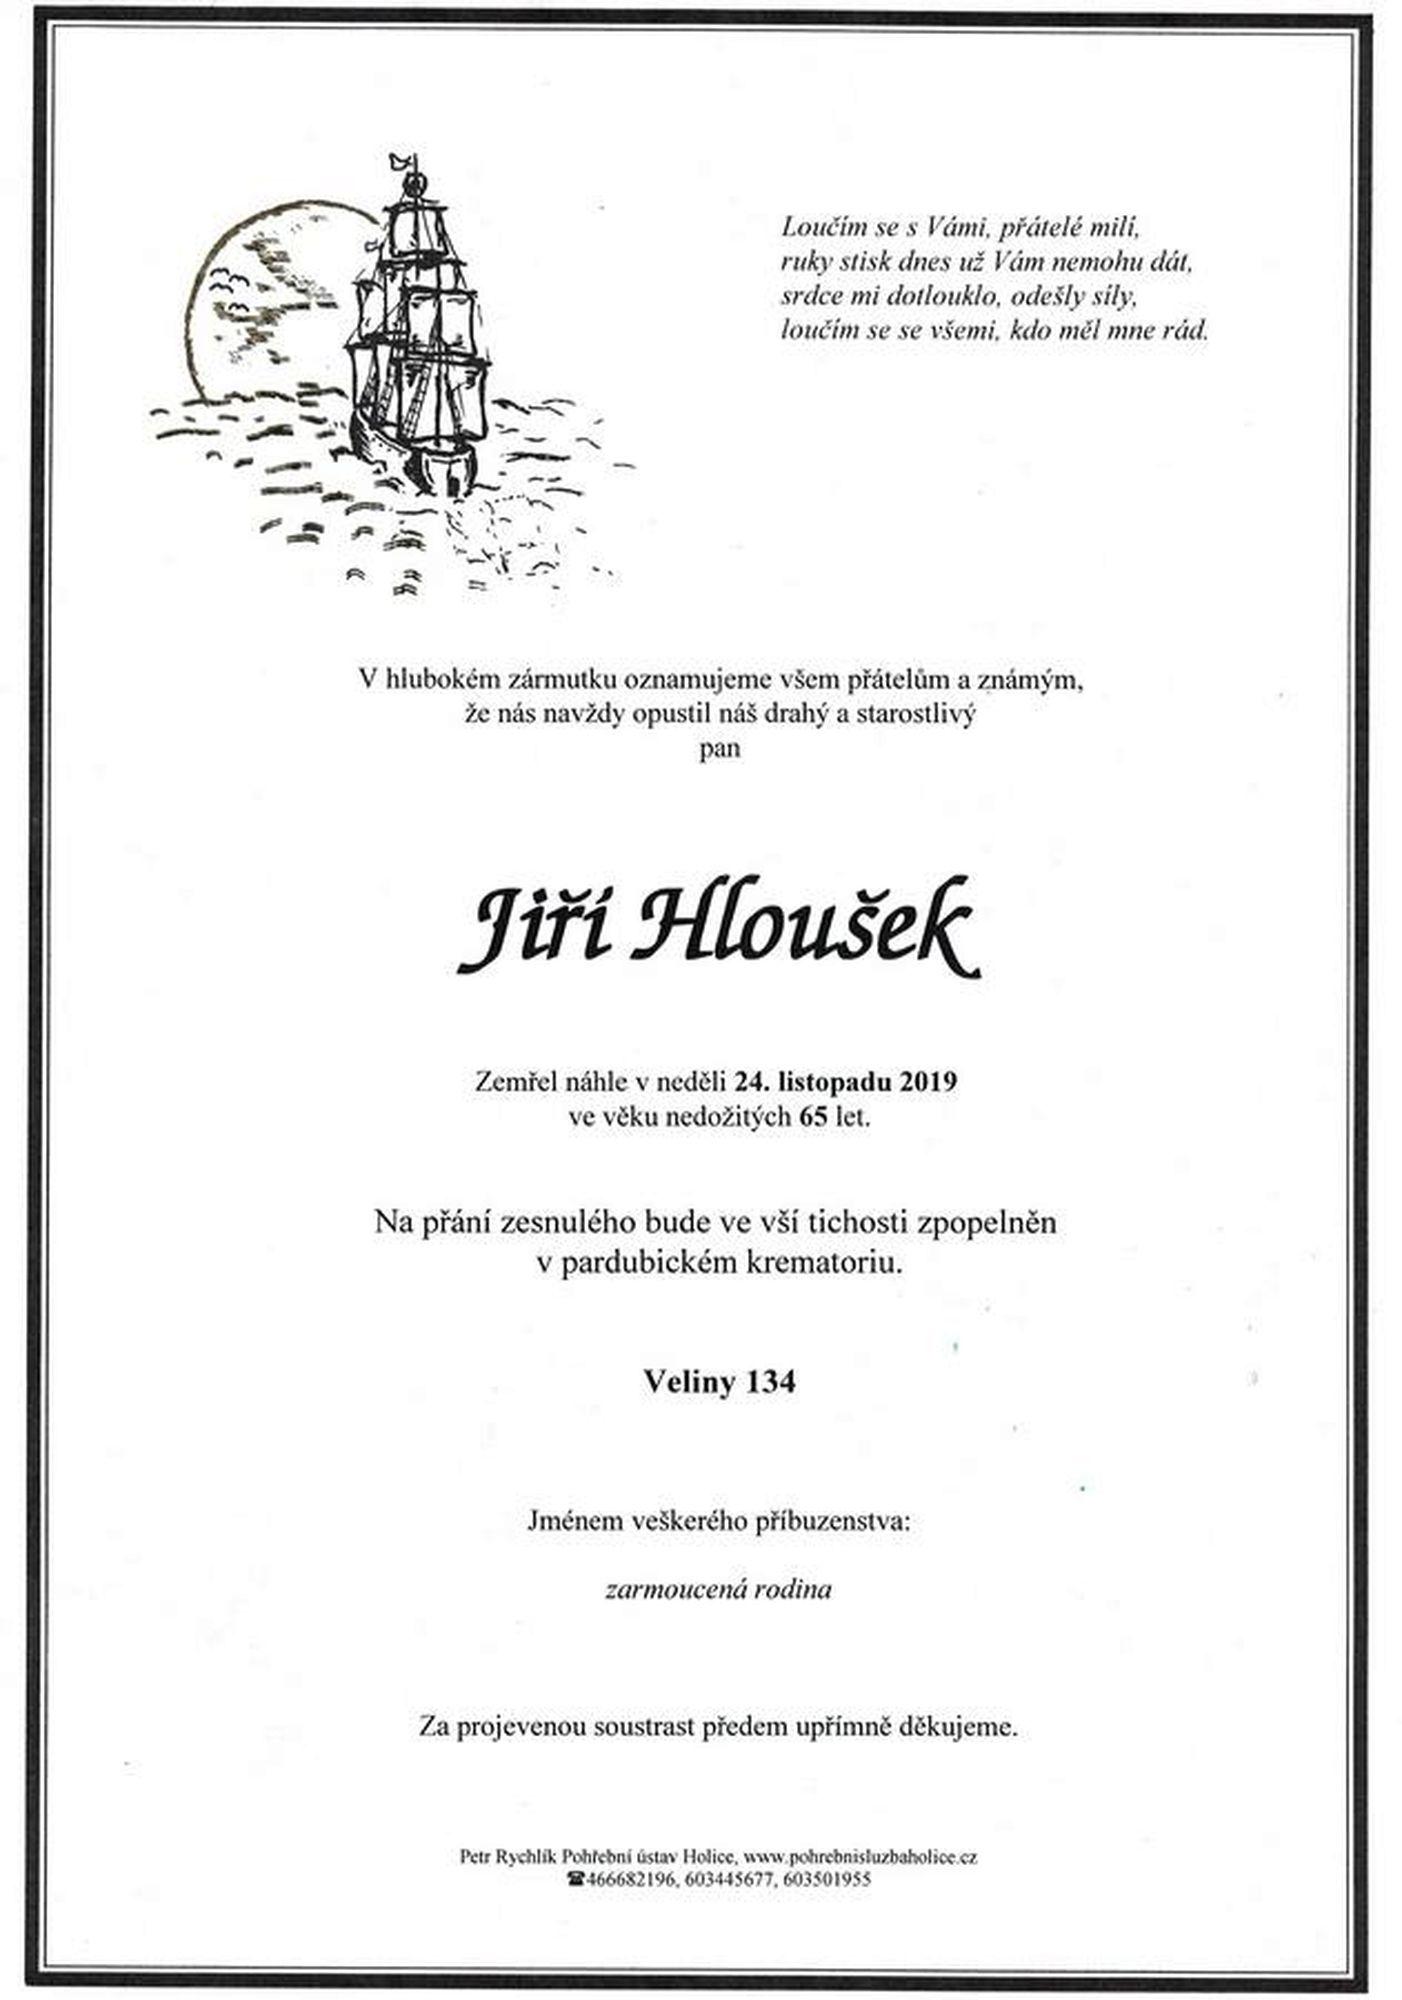 Jiří Hloušek